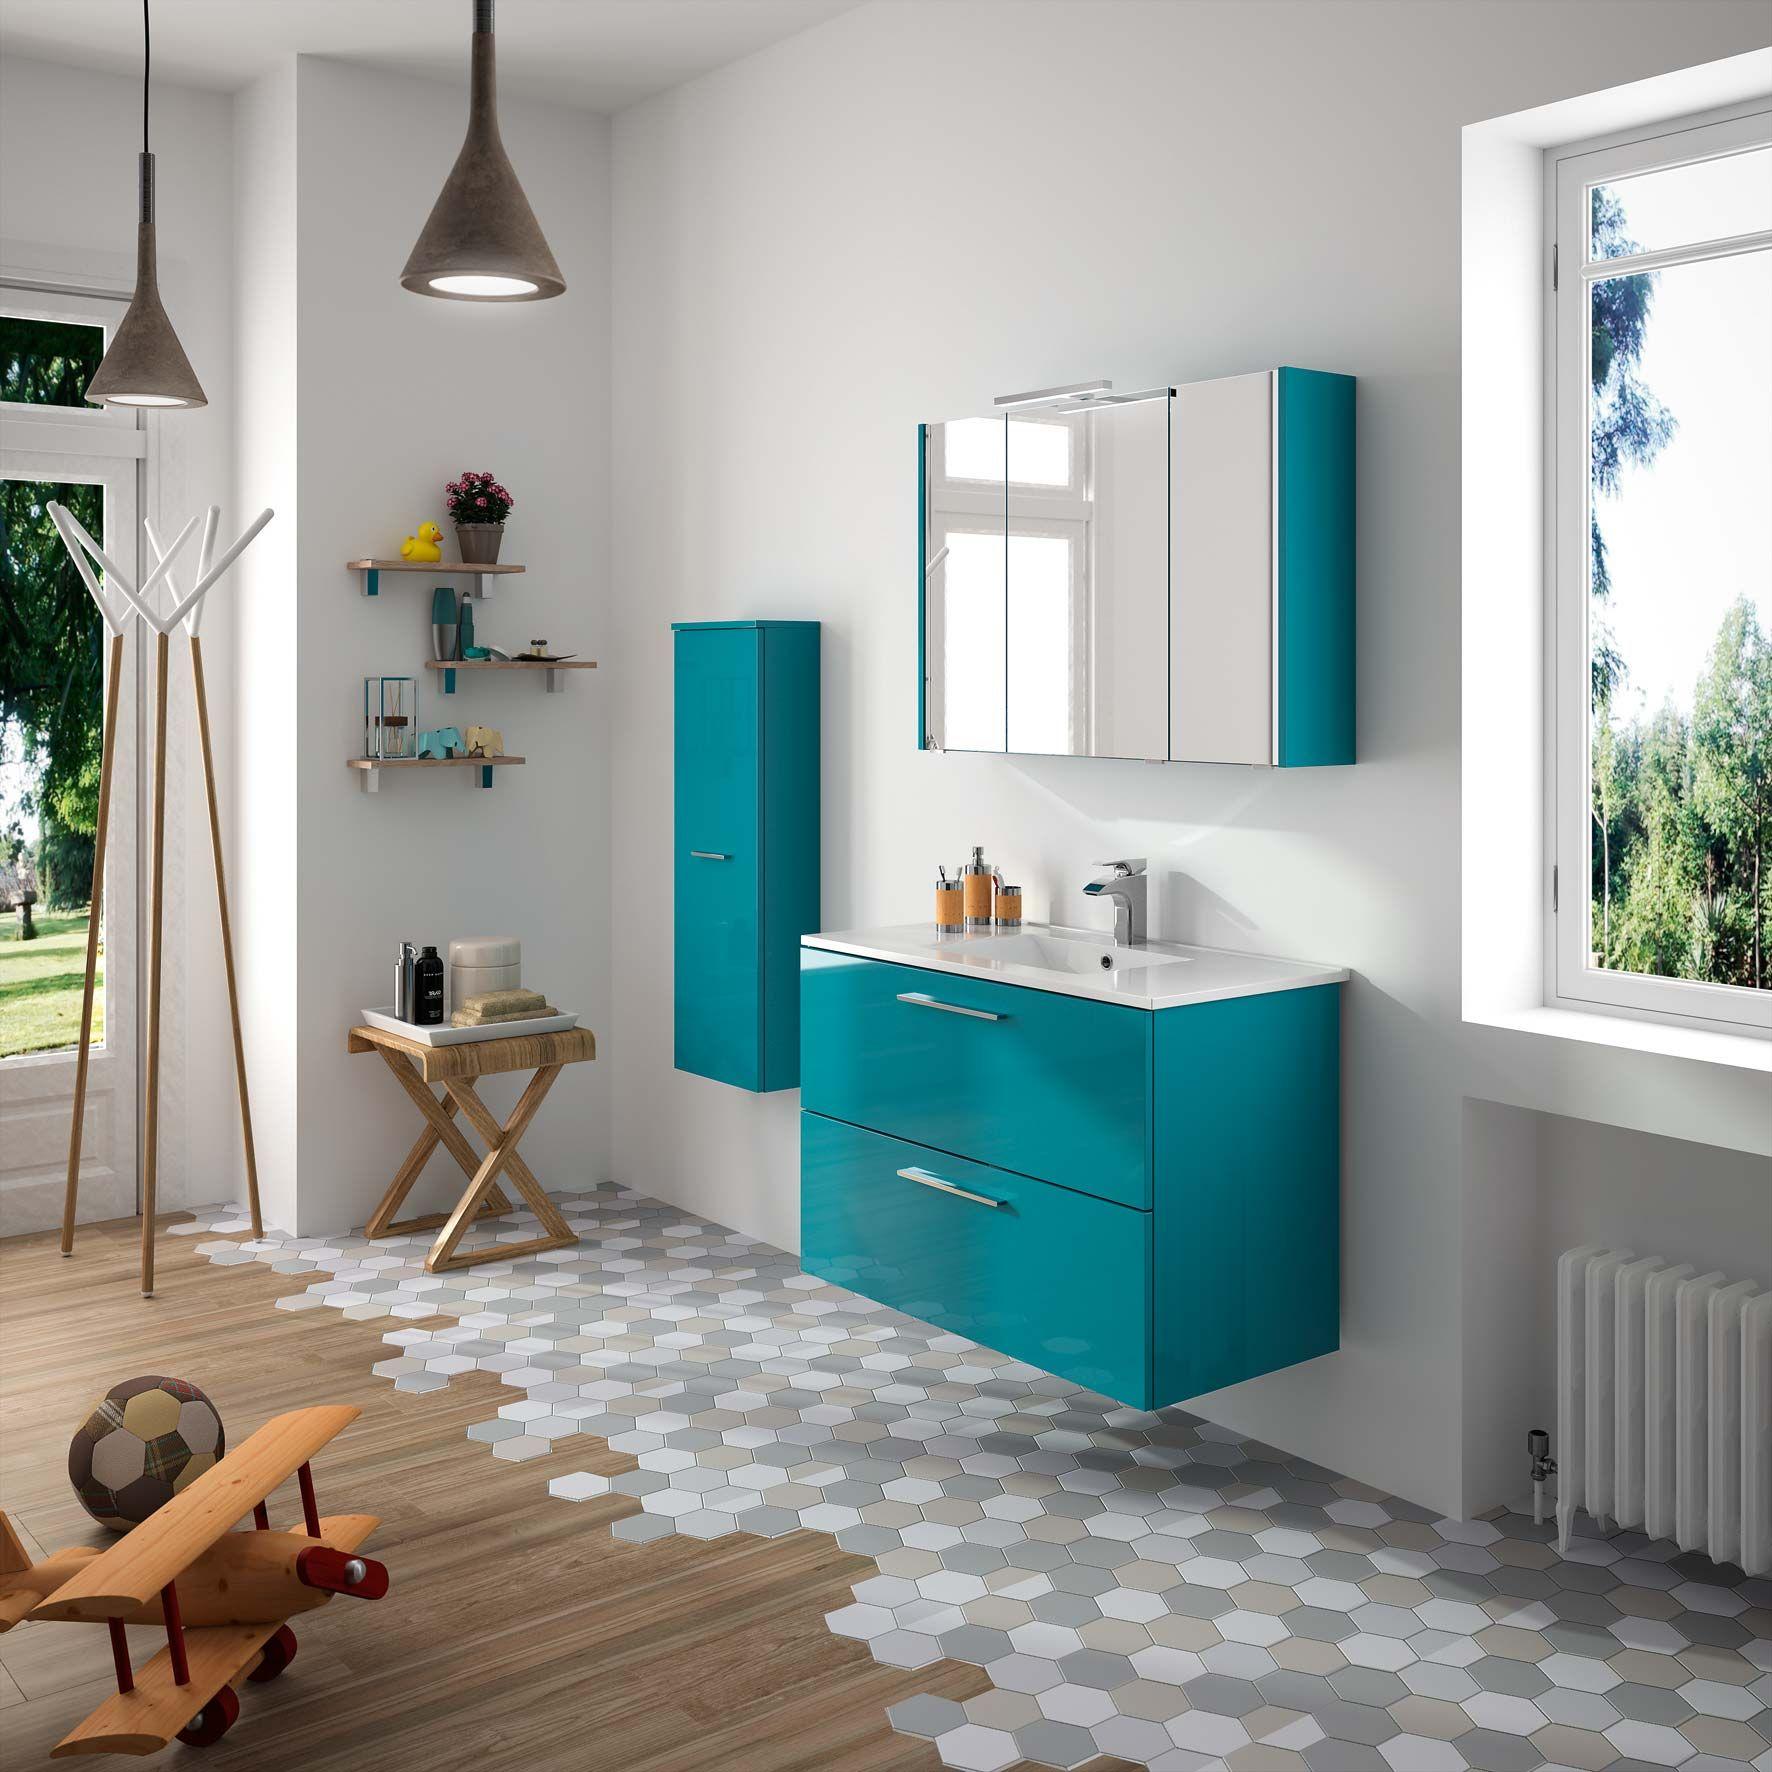 Meubles de salle de bains cedam gamme laura d cor bleu Customiser un meuble de salle de bain